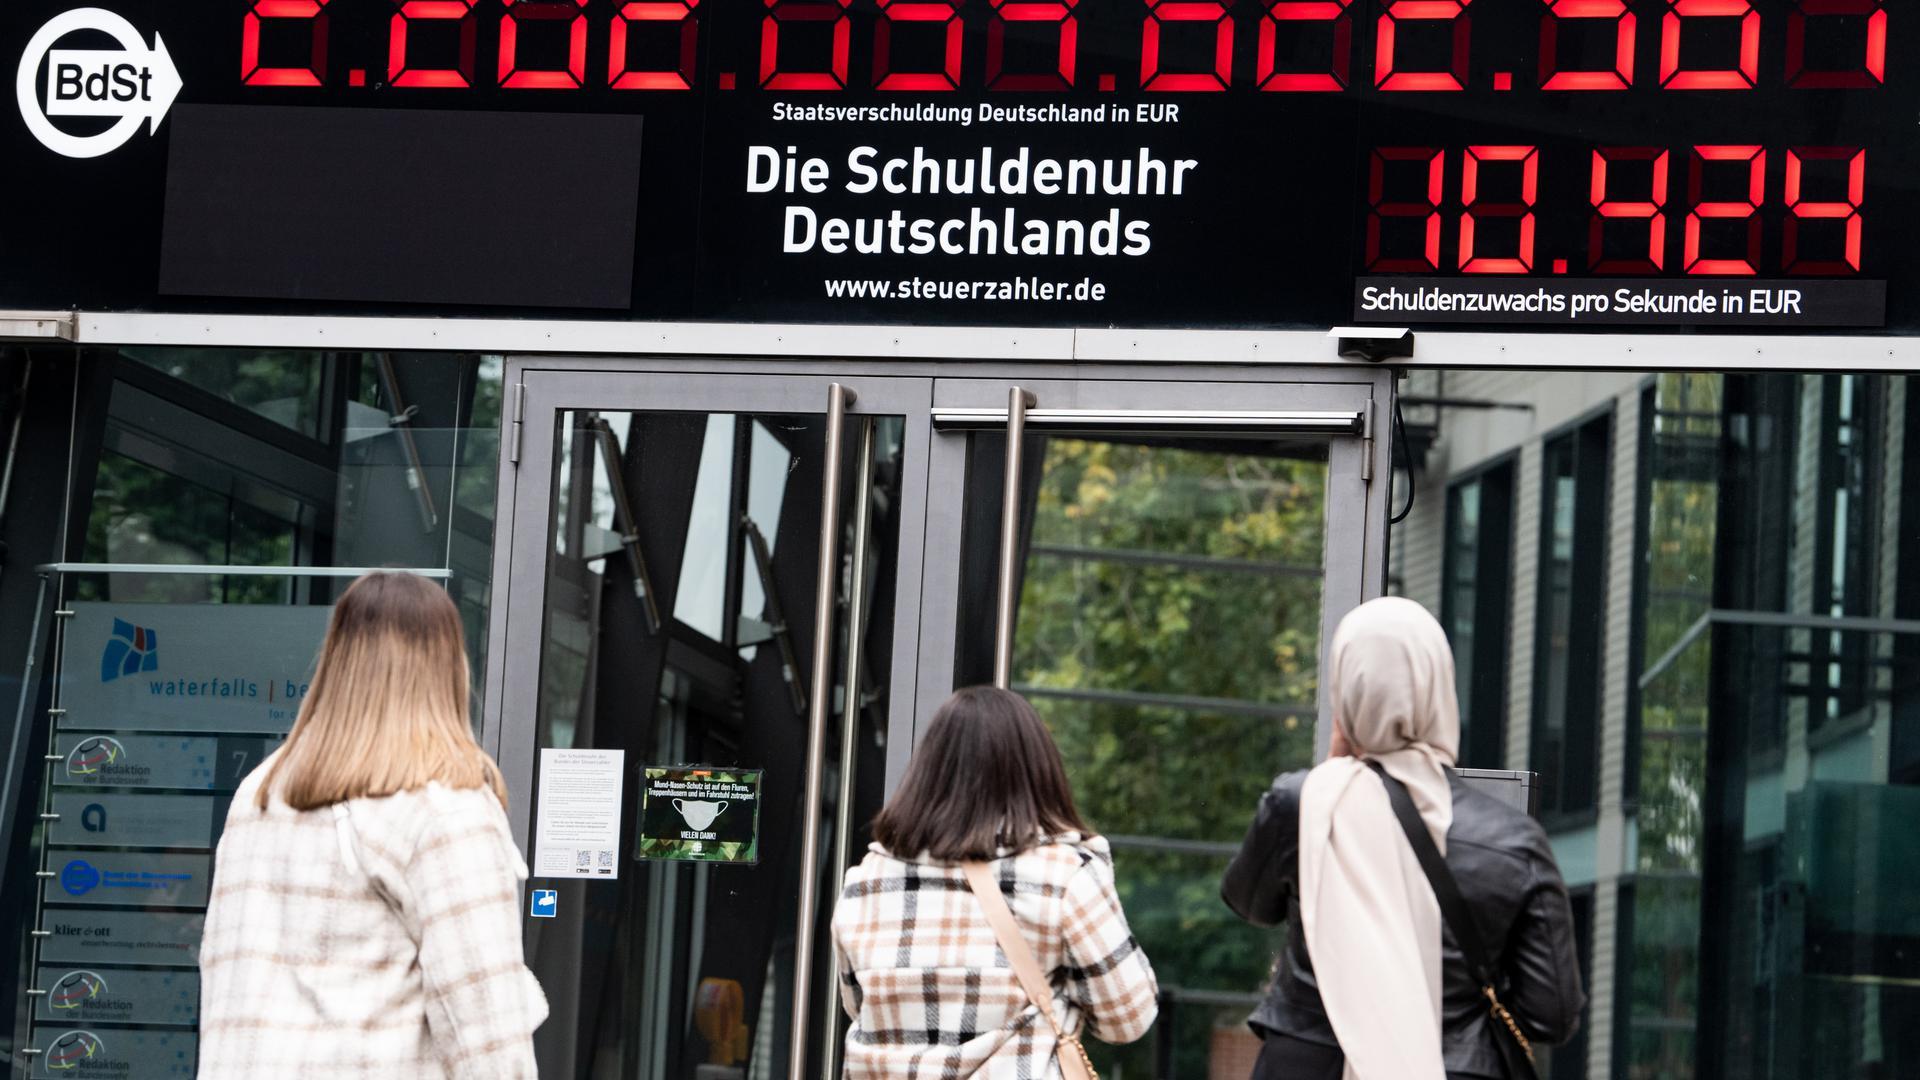 Die Schuldenuhr am Gebäude des Bundes der Steuerzahler in Mitte zeigt einen neuen Höchststand an. Zum ersten Mal in ihrer 25-jährigen Geschichte steigt die Gesamtschuldenlast von Bund, Ländern und Gemeinden um mehr als 10.000 Euro pro Sekunde, genau um 10.424 Euro pro Sekunde. +++ dpa-Bildfunk +++